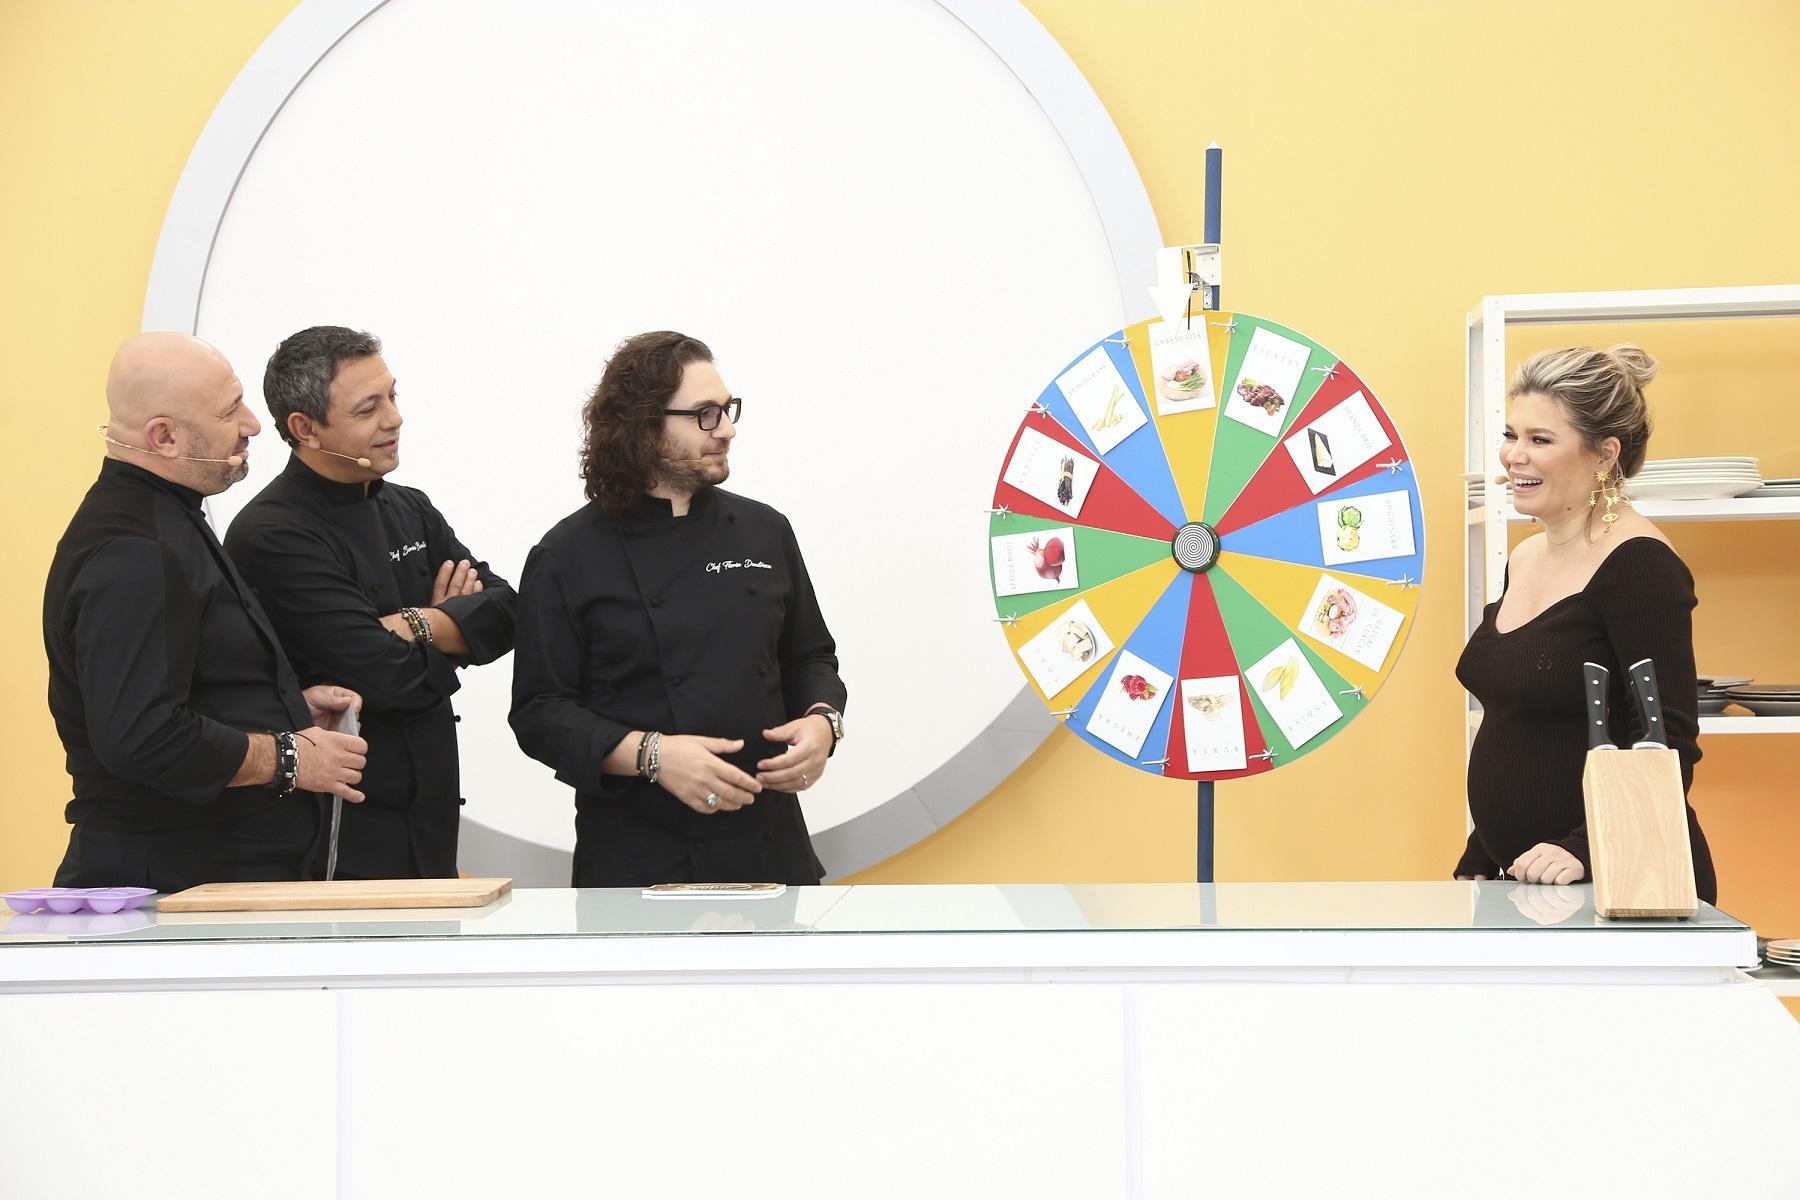 Chefi la cuțite, lider audiență pe toate segmentele de public. Chef Scărlătescu a câștigat un avantaj important la amuleta serii